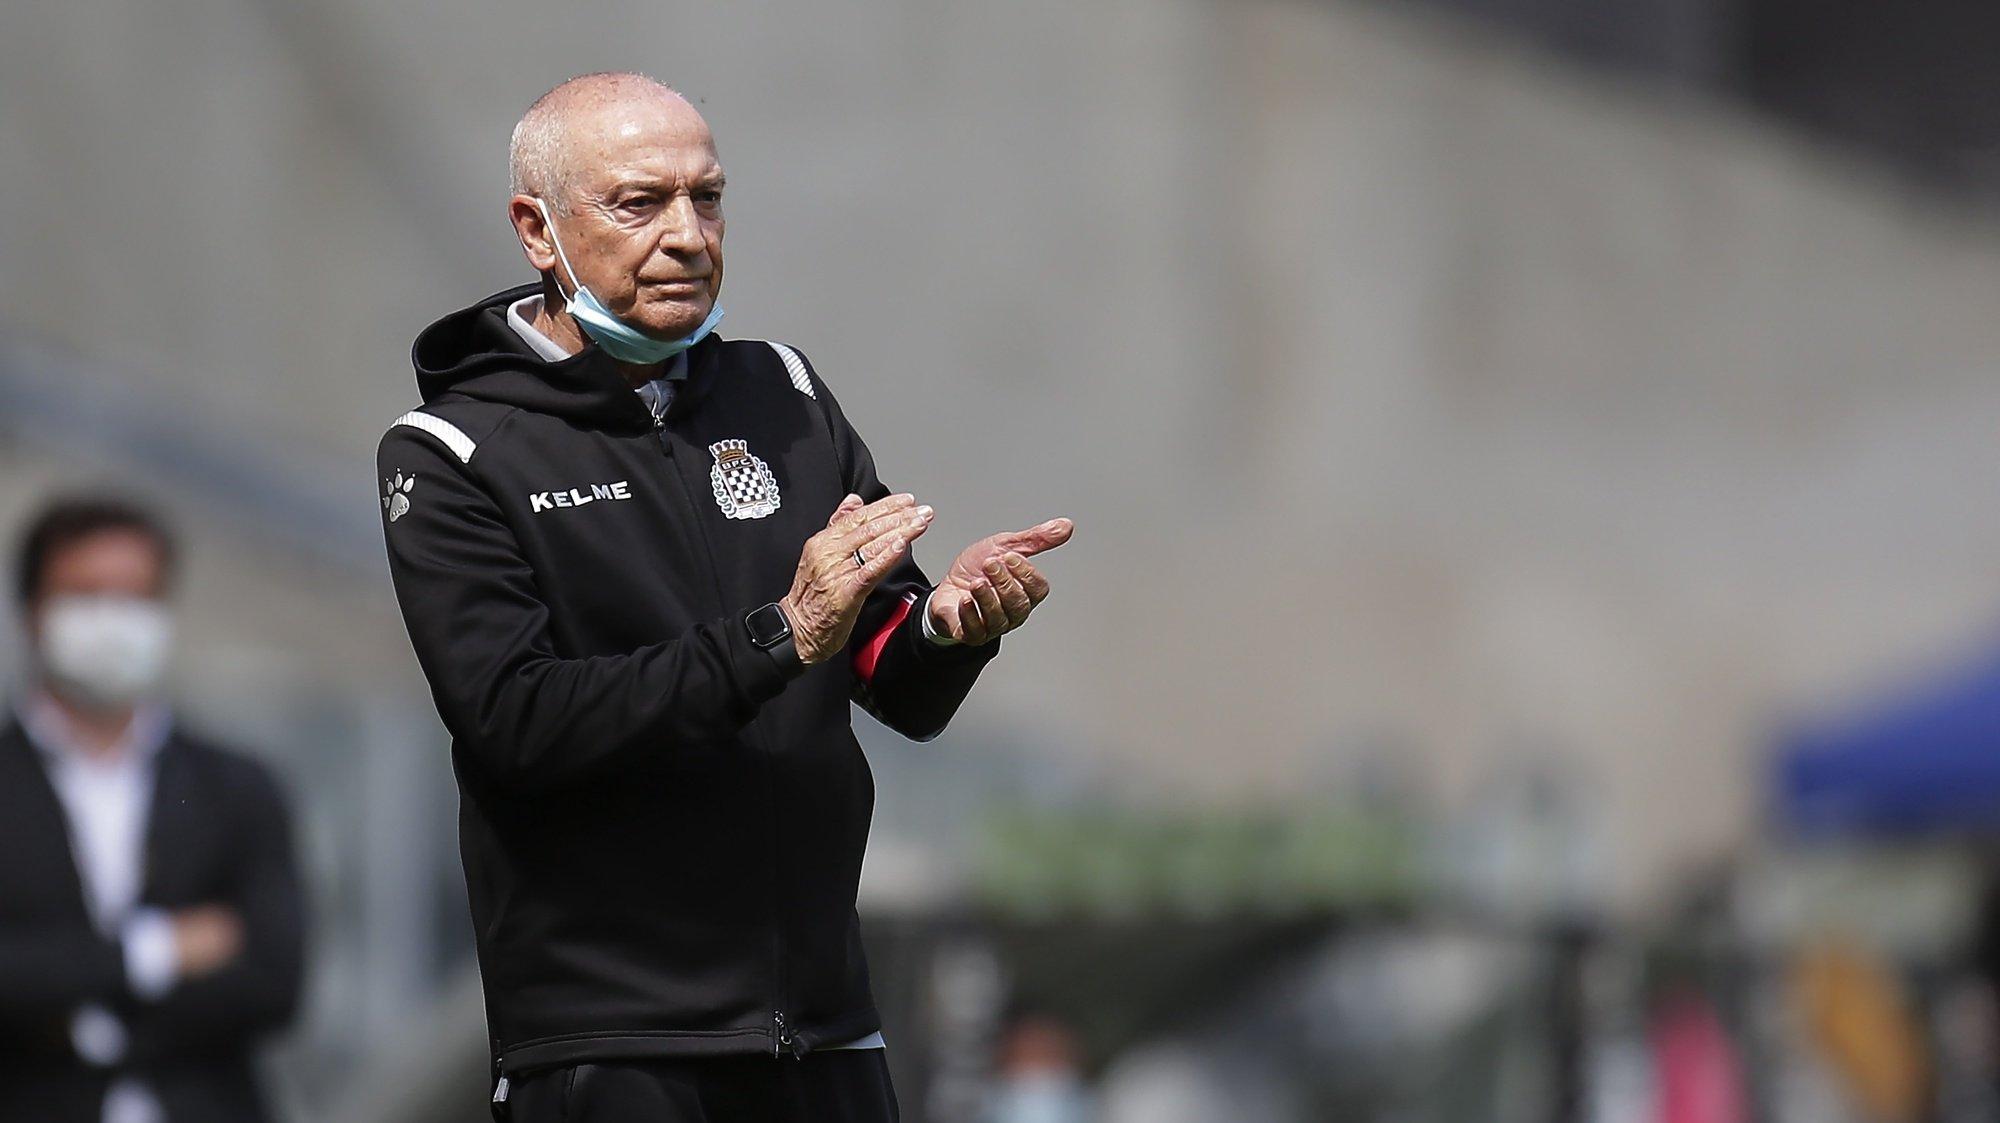 O treinador do Boavista, Jesualdo Ferreira, reage durante o jogo da Primeira Liga de Futebol, entre o Boavista e o Marítimo, realizado no Estádio do Bessa, no Porto, 25 de abril de 2021. MANUEL FERNANDO ARAÚJO/LUSA